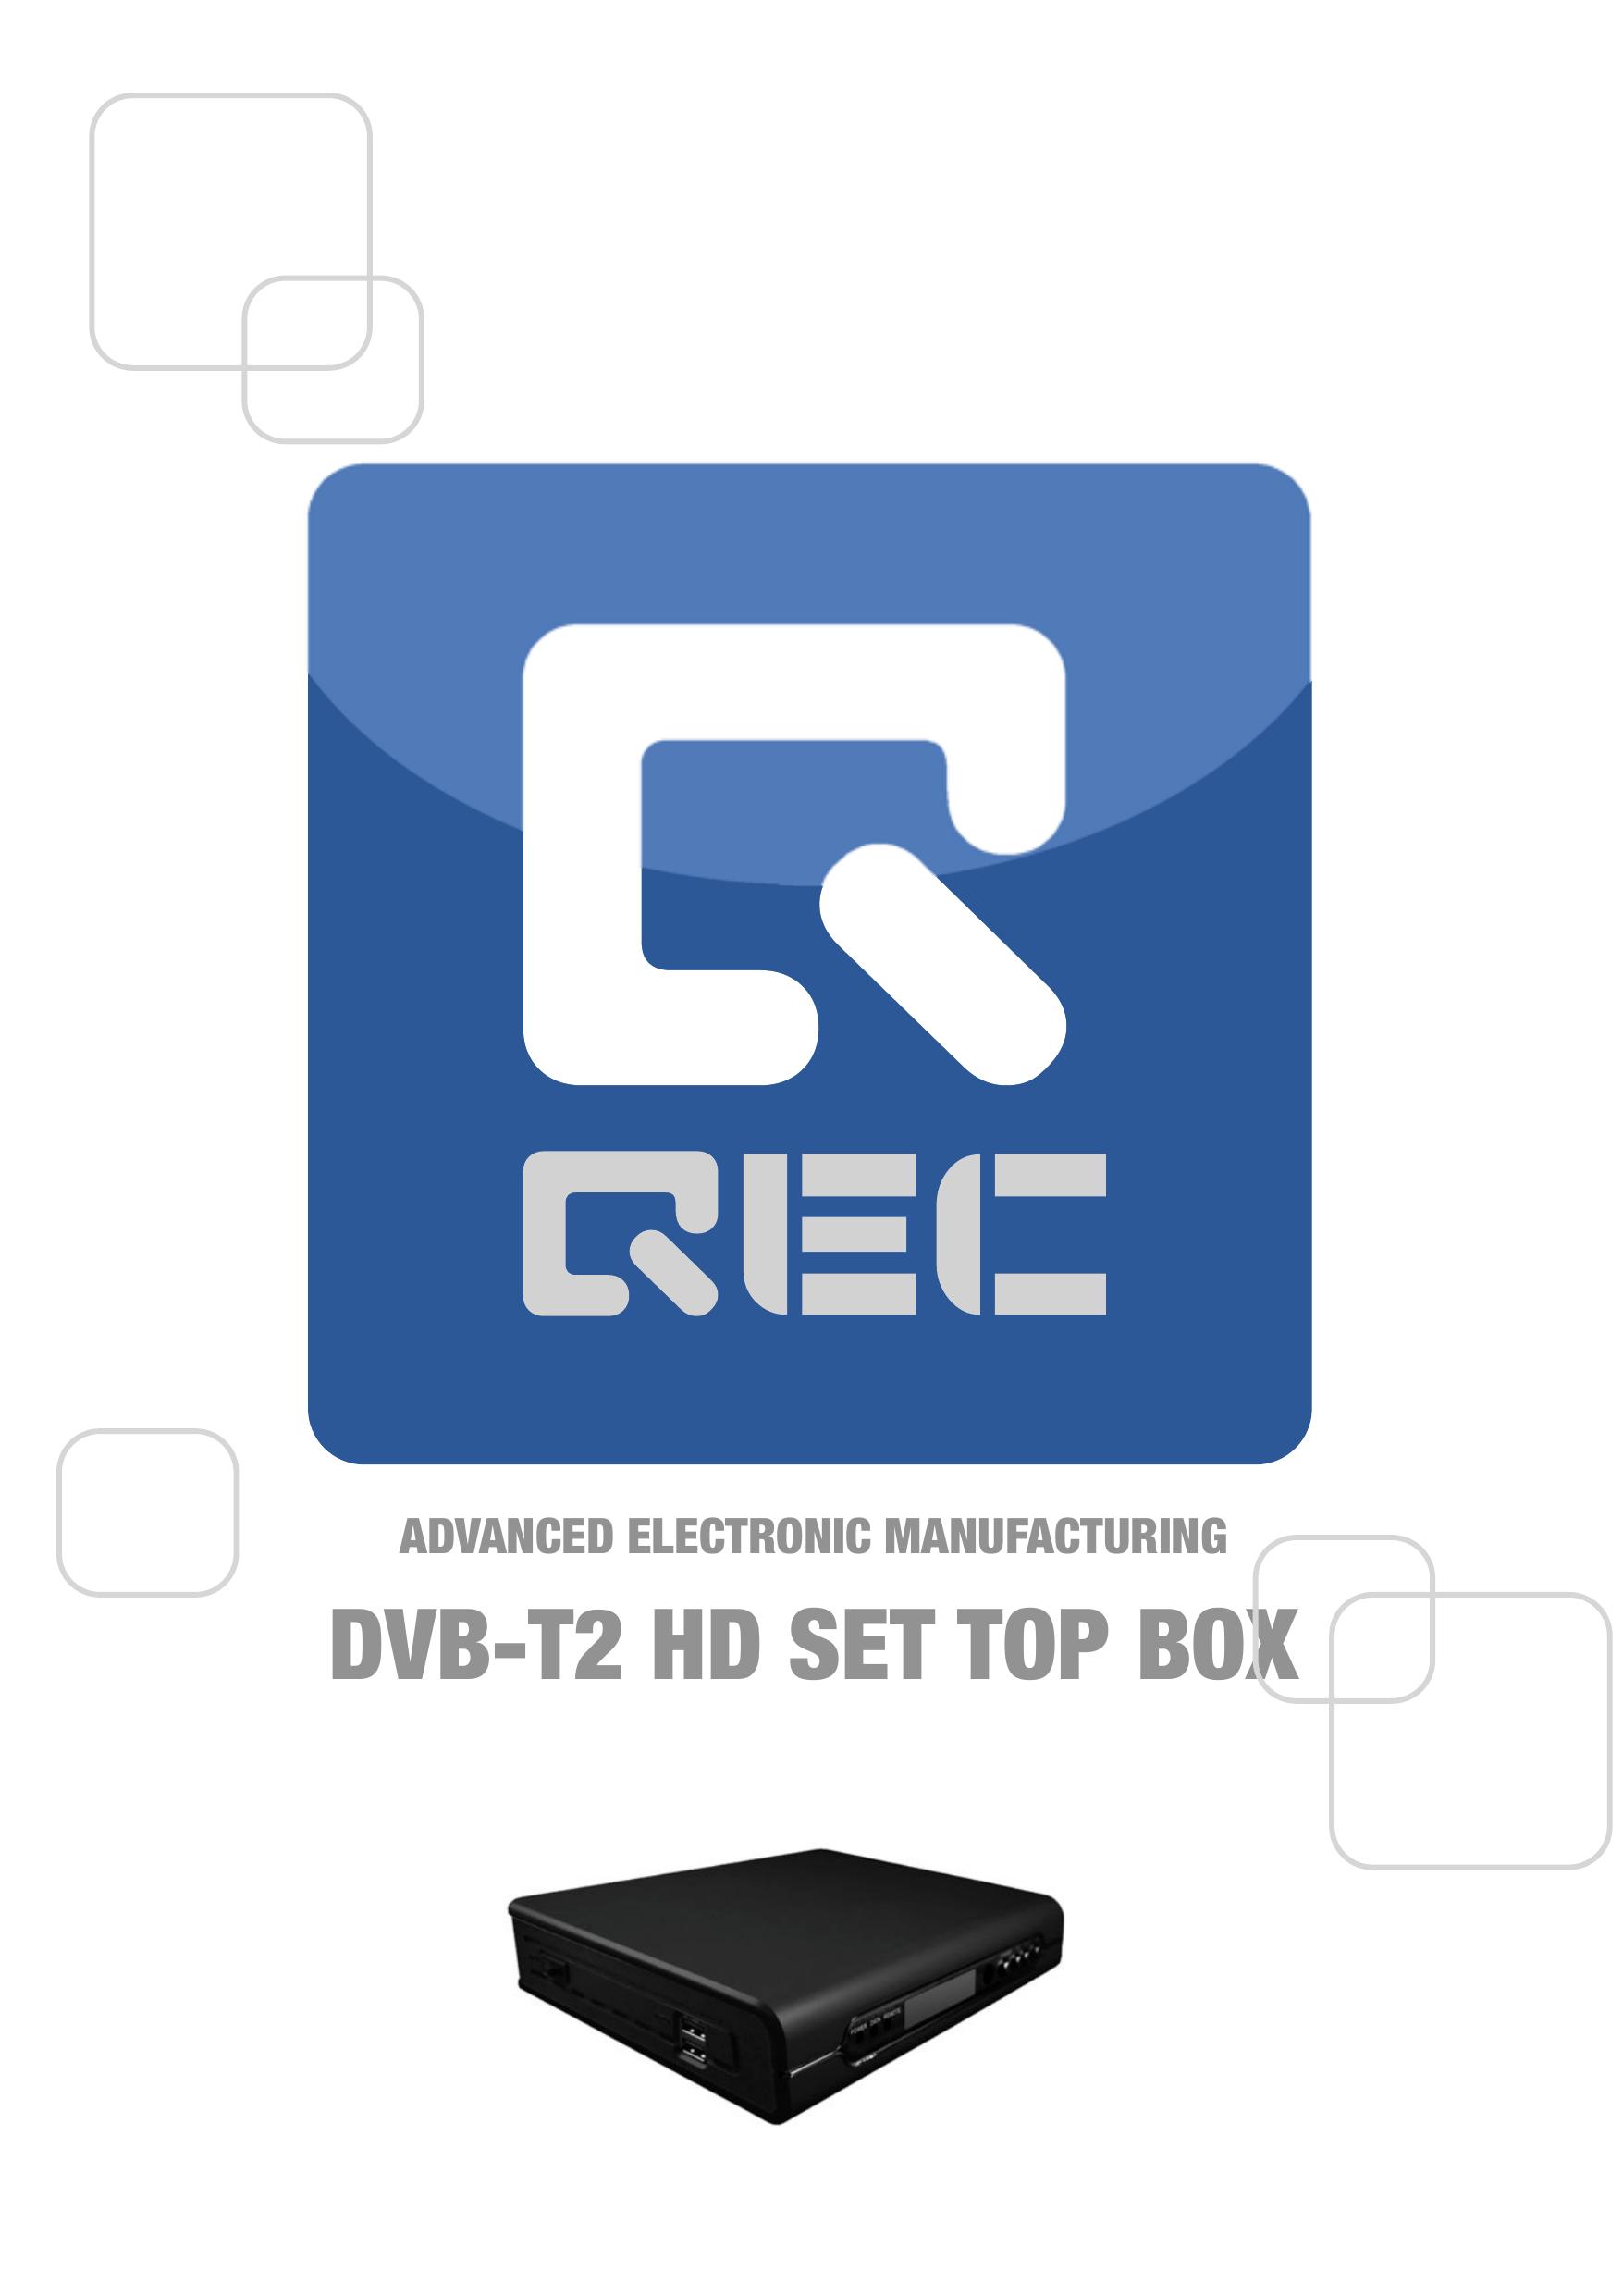 DVB-T2 HD SET TOP BOX | manualzz com